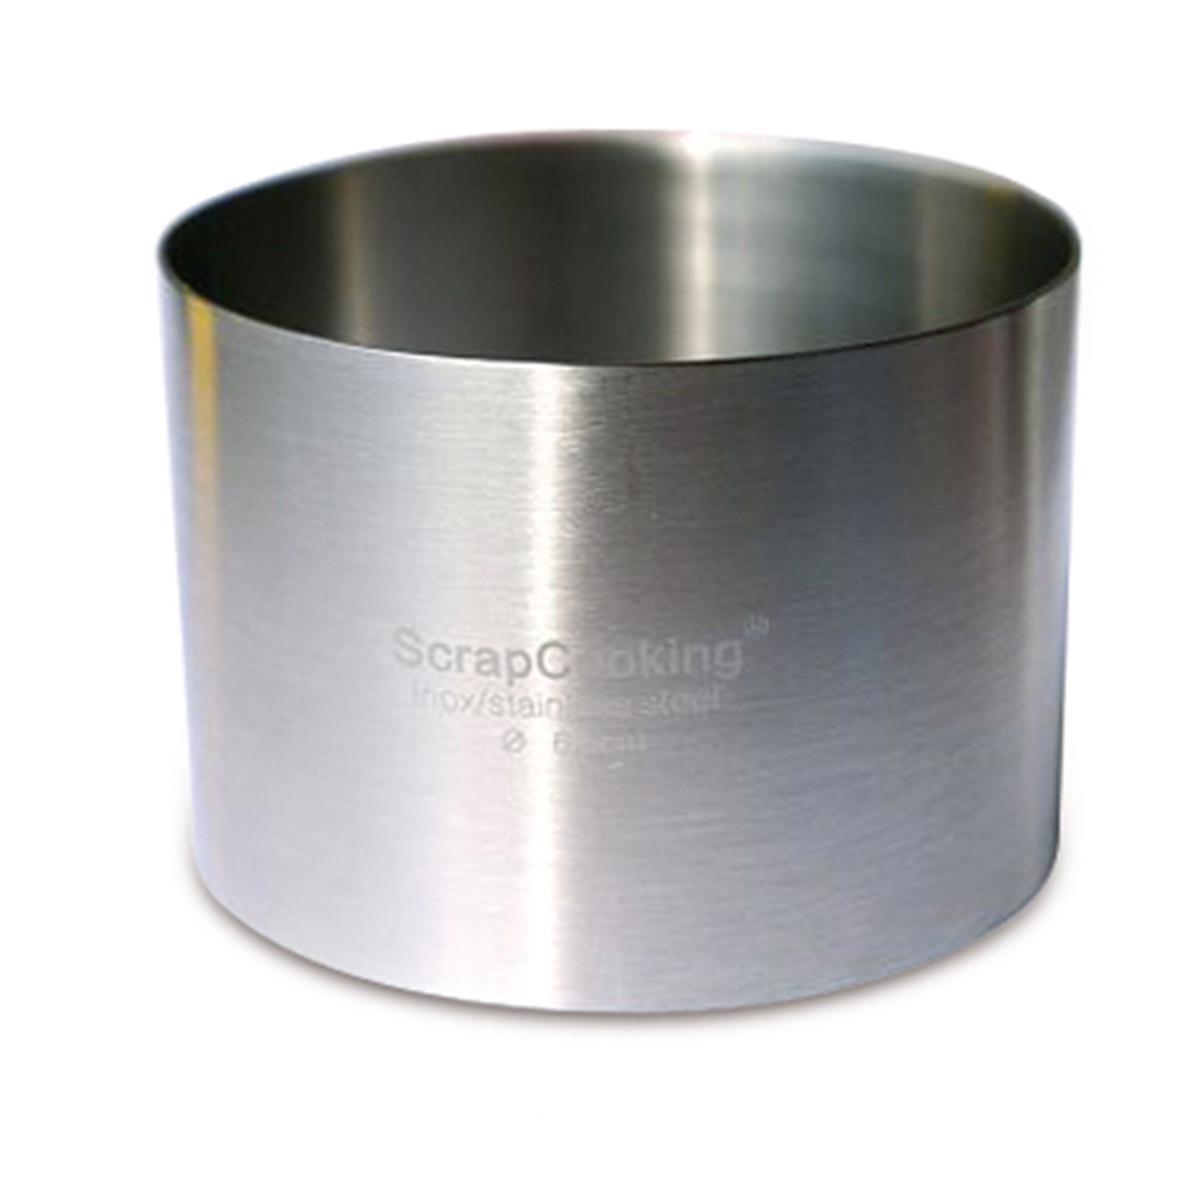 Image du produit Cercle Inox - 8 cm - Scrapcooking